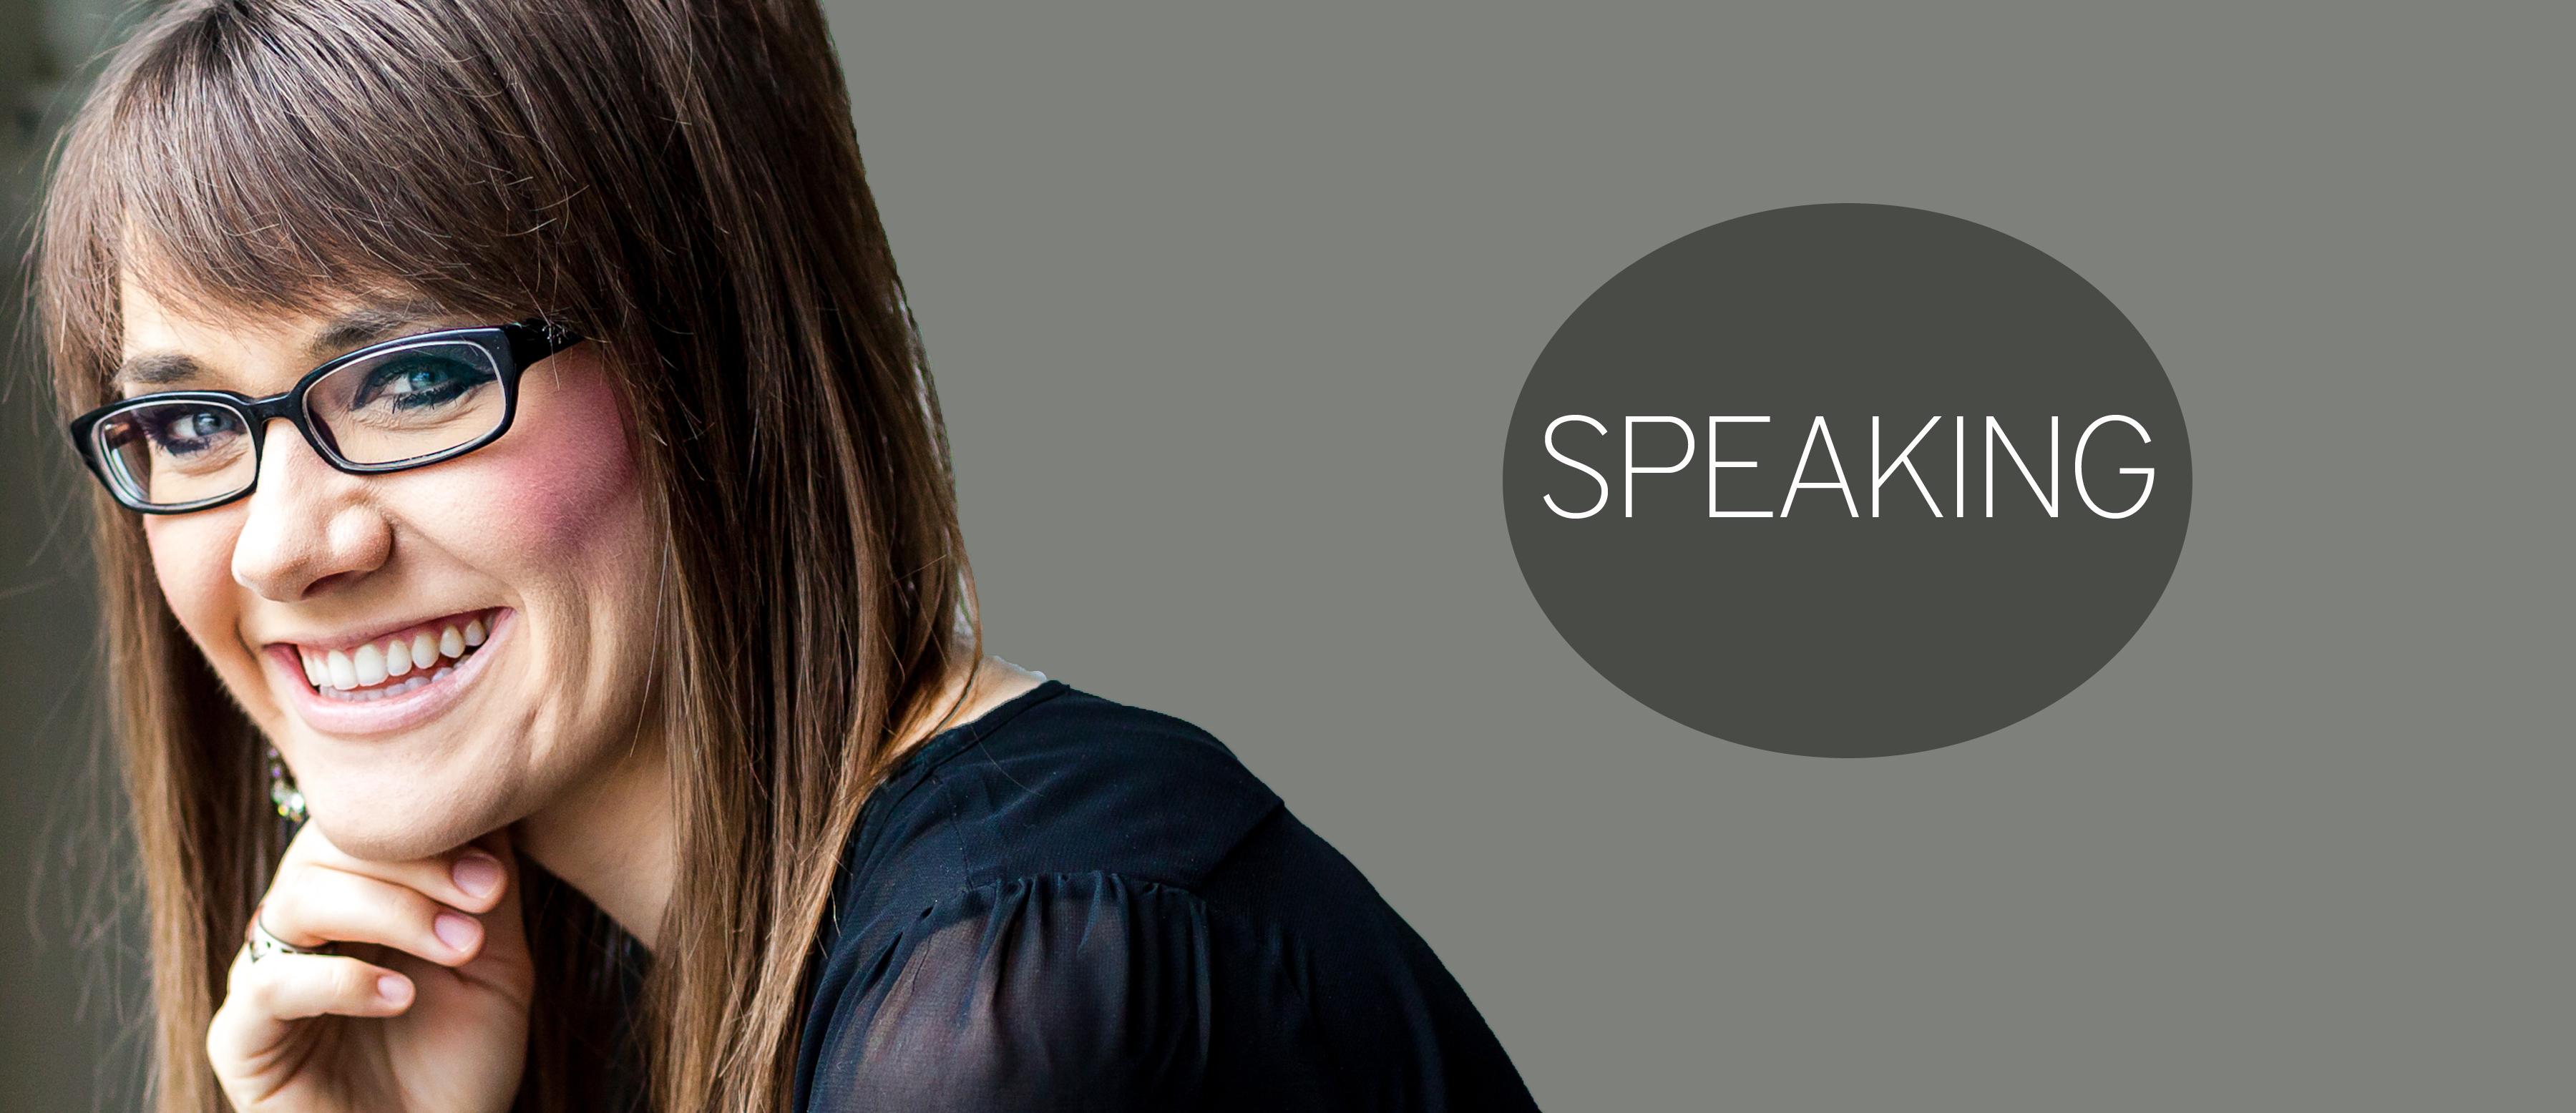 speaking-trial